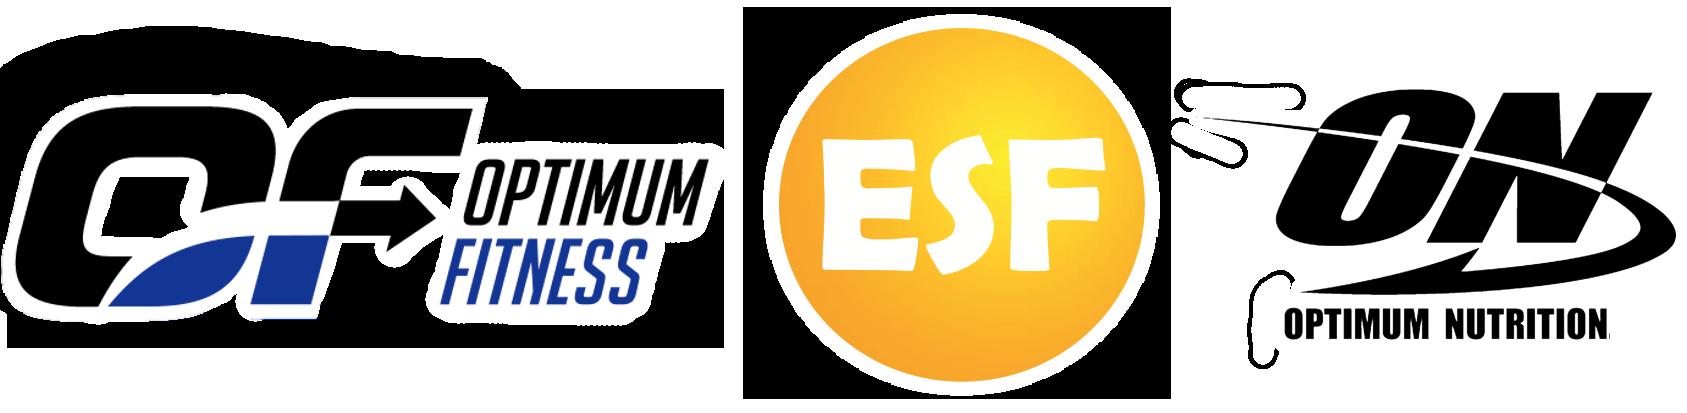 Optimum Fitness ESF